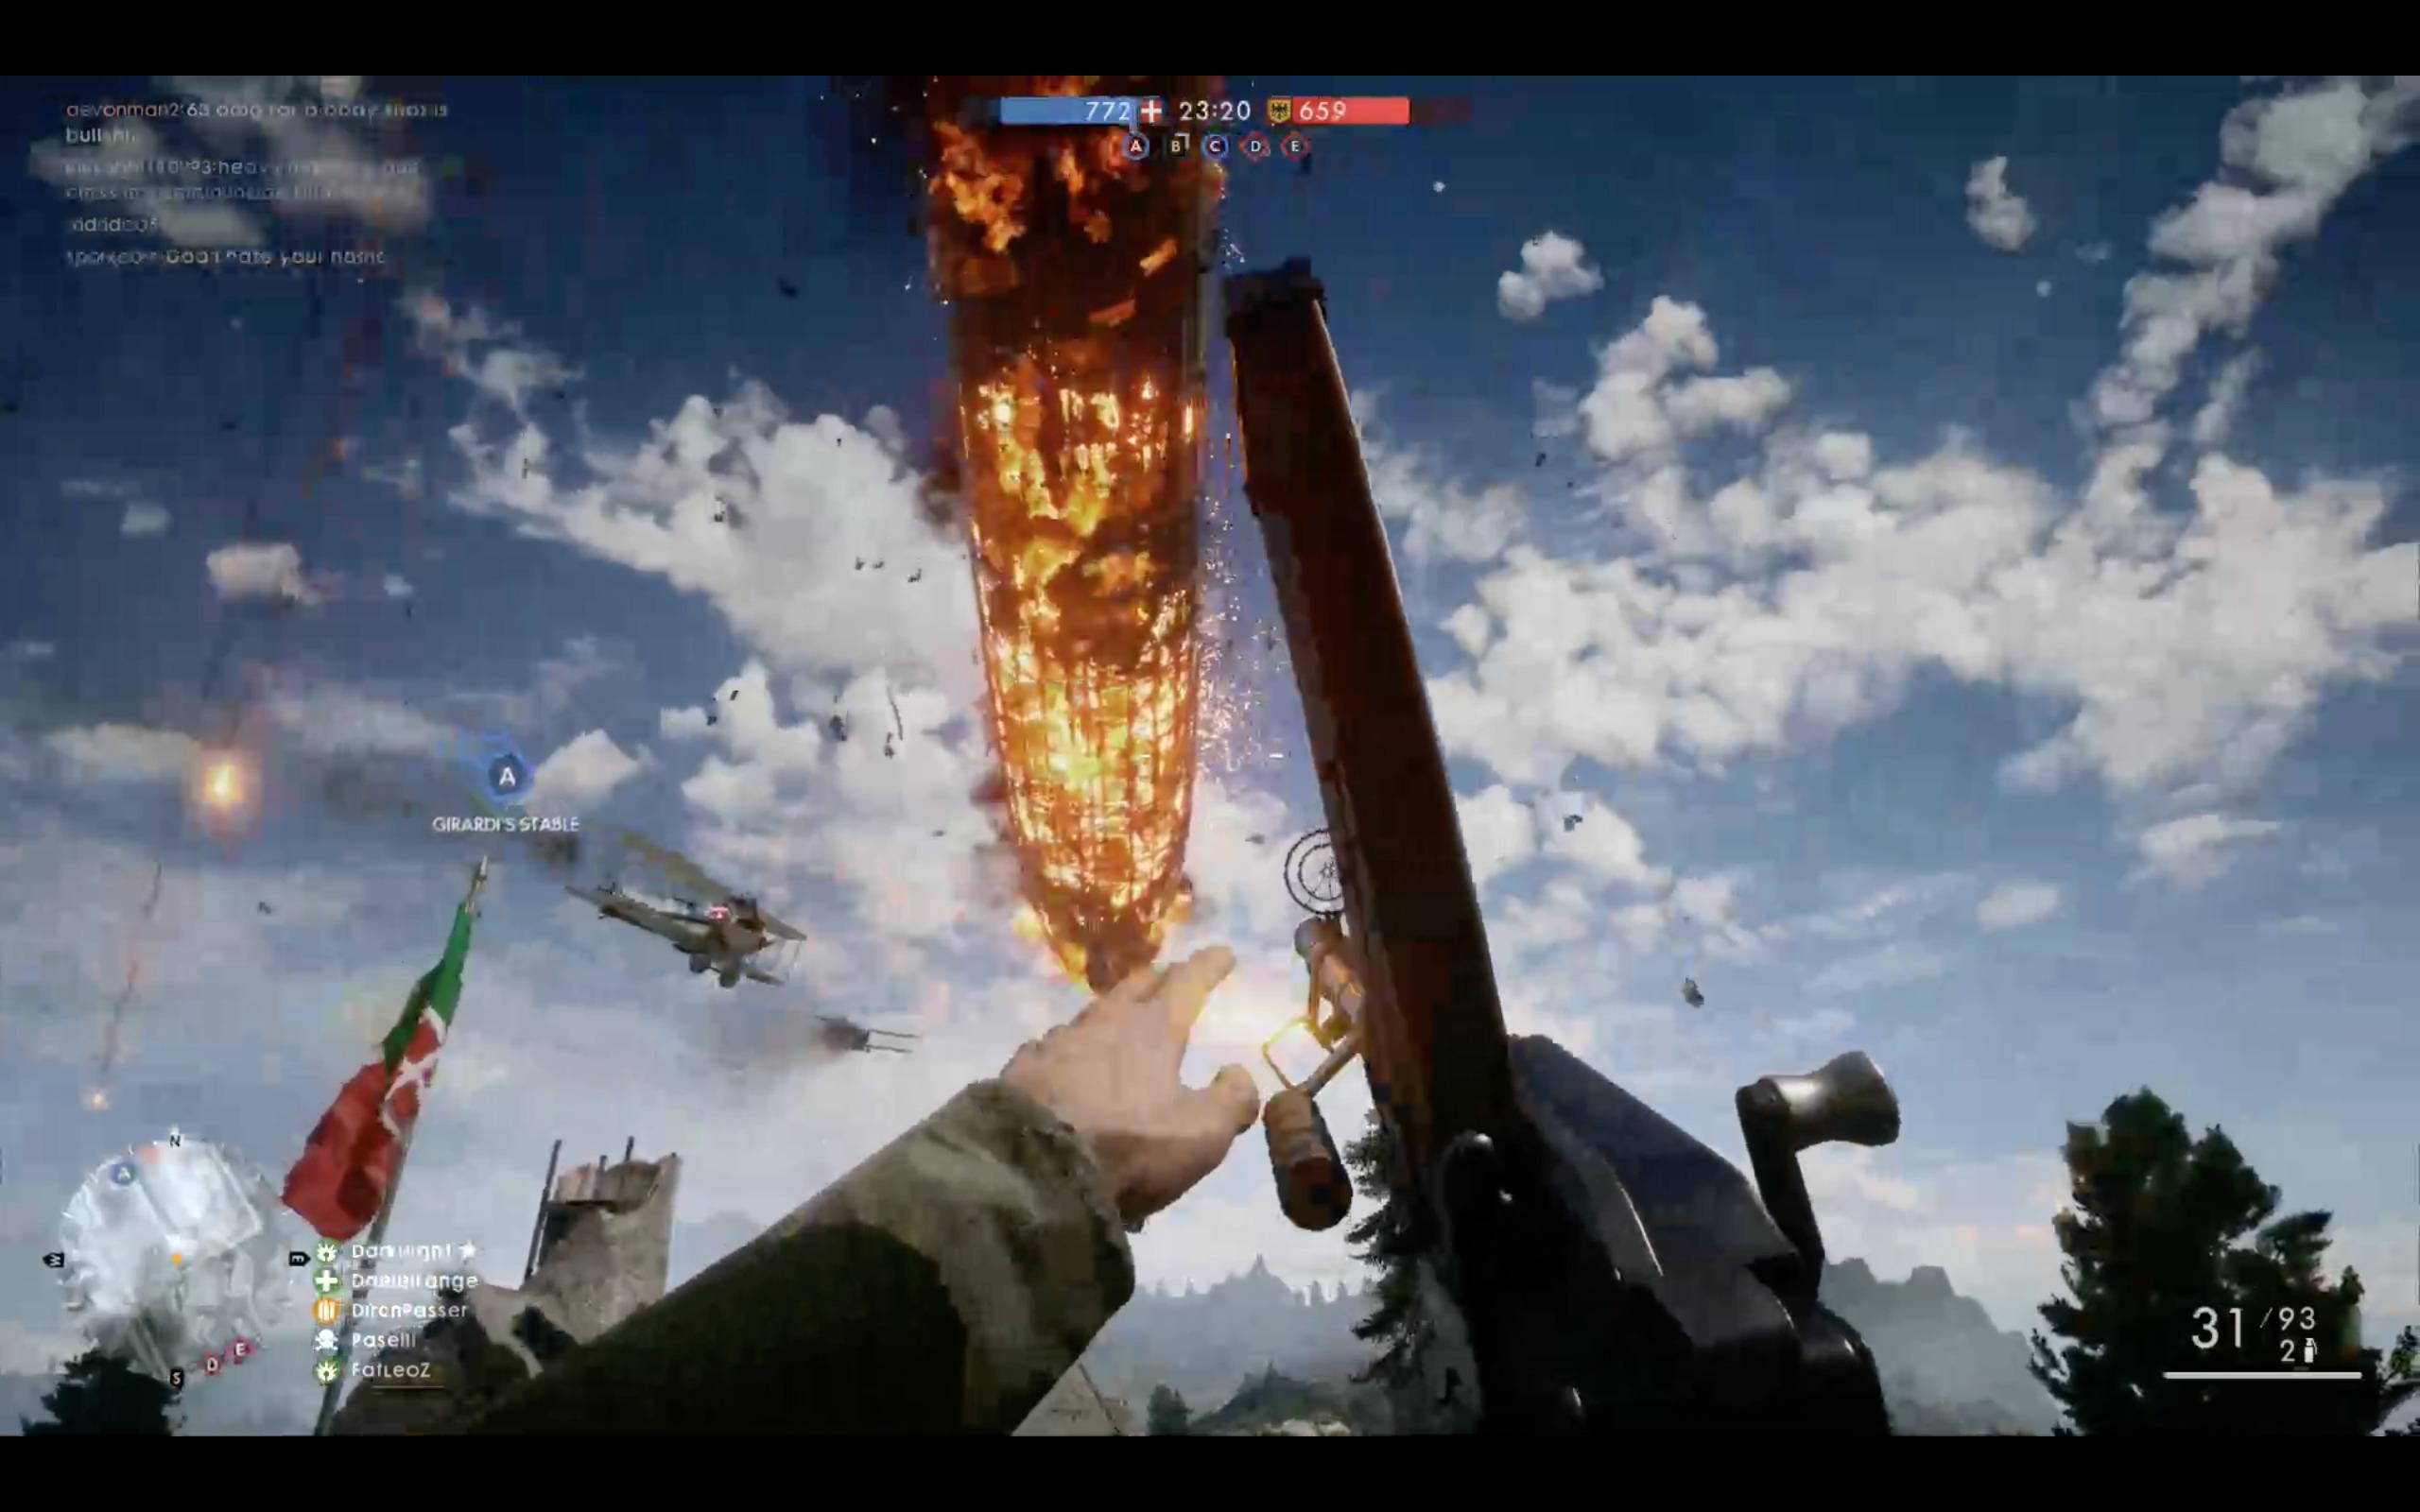 Det har vært mange ganske imponerende øyeblikk under våre 12 timer med Battlefield 1 sin flerspillerdel, men lite slo dette synet.